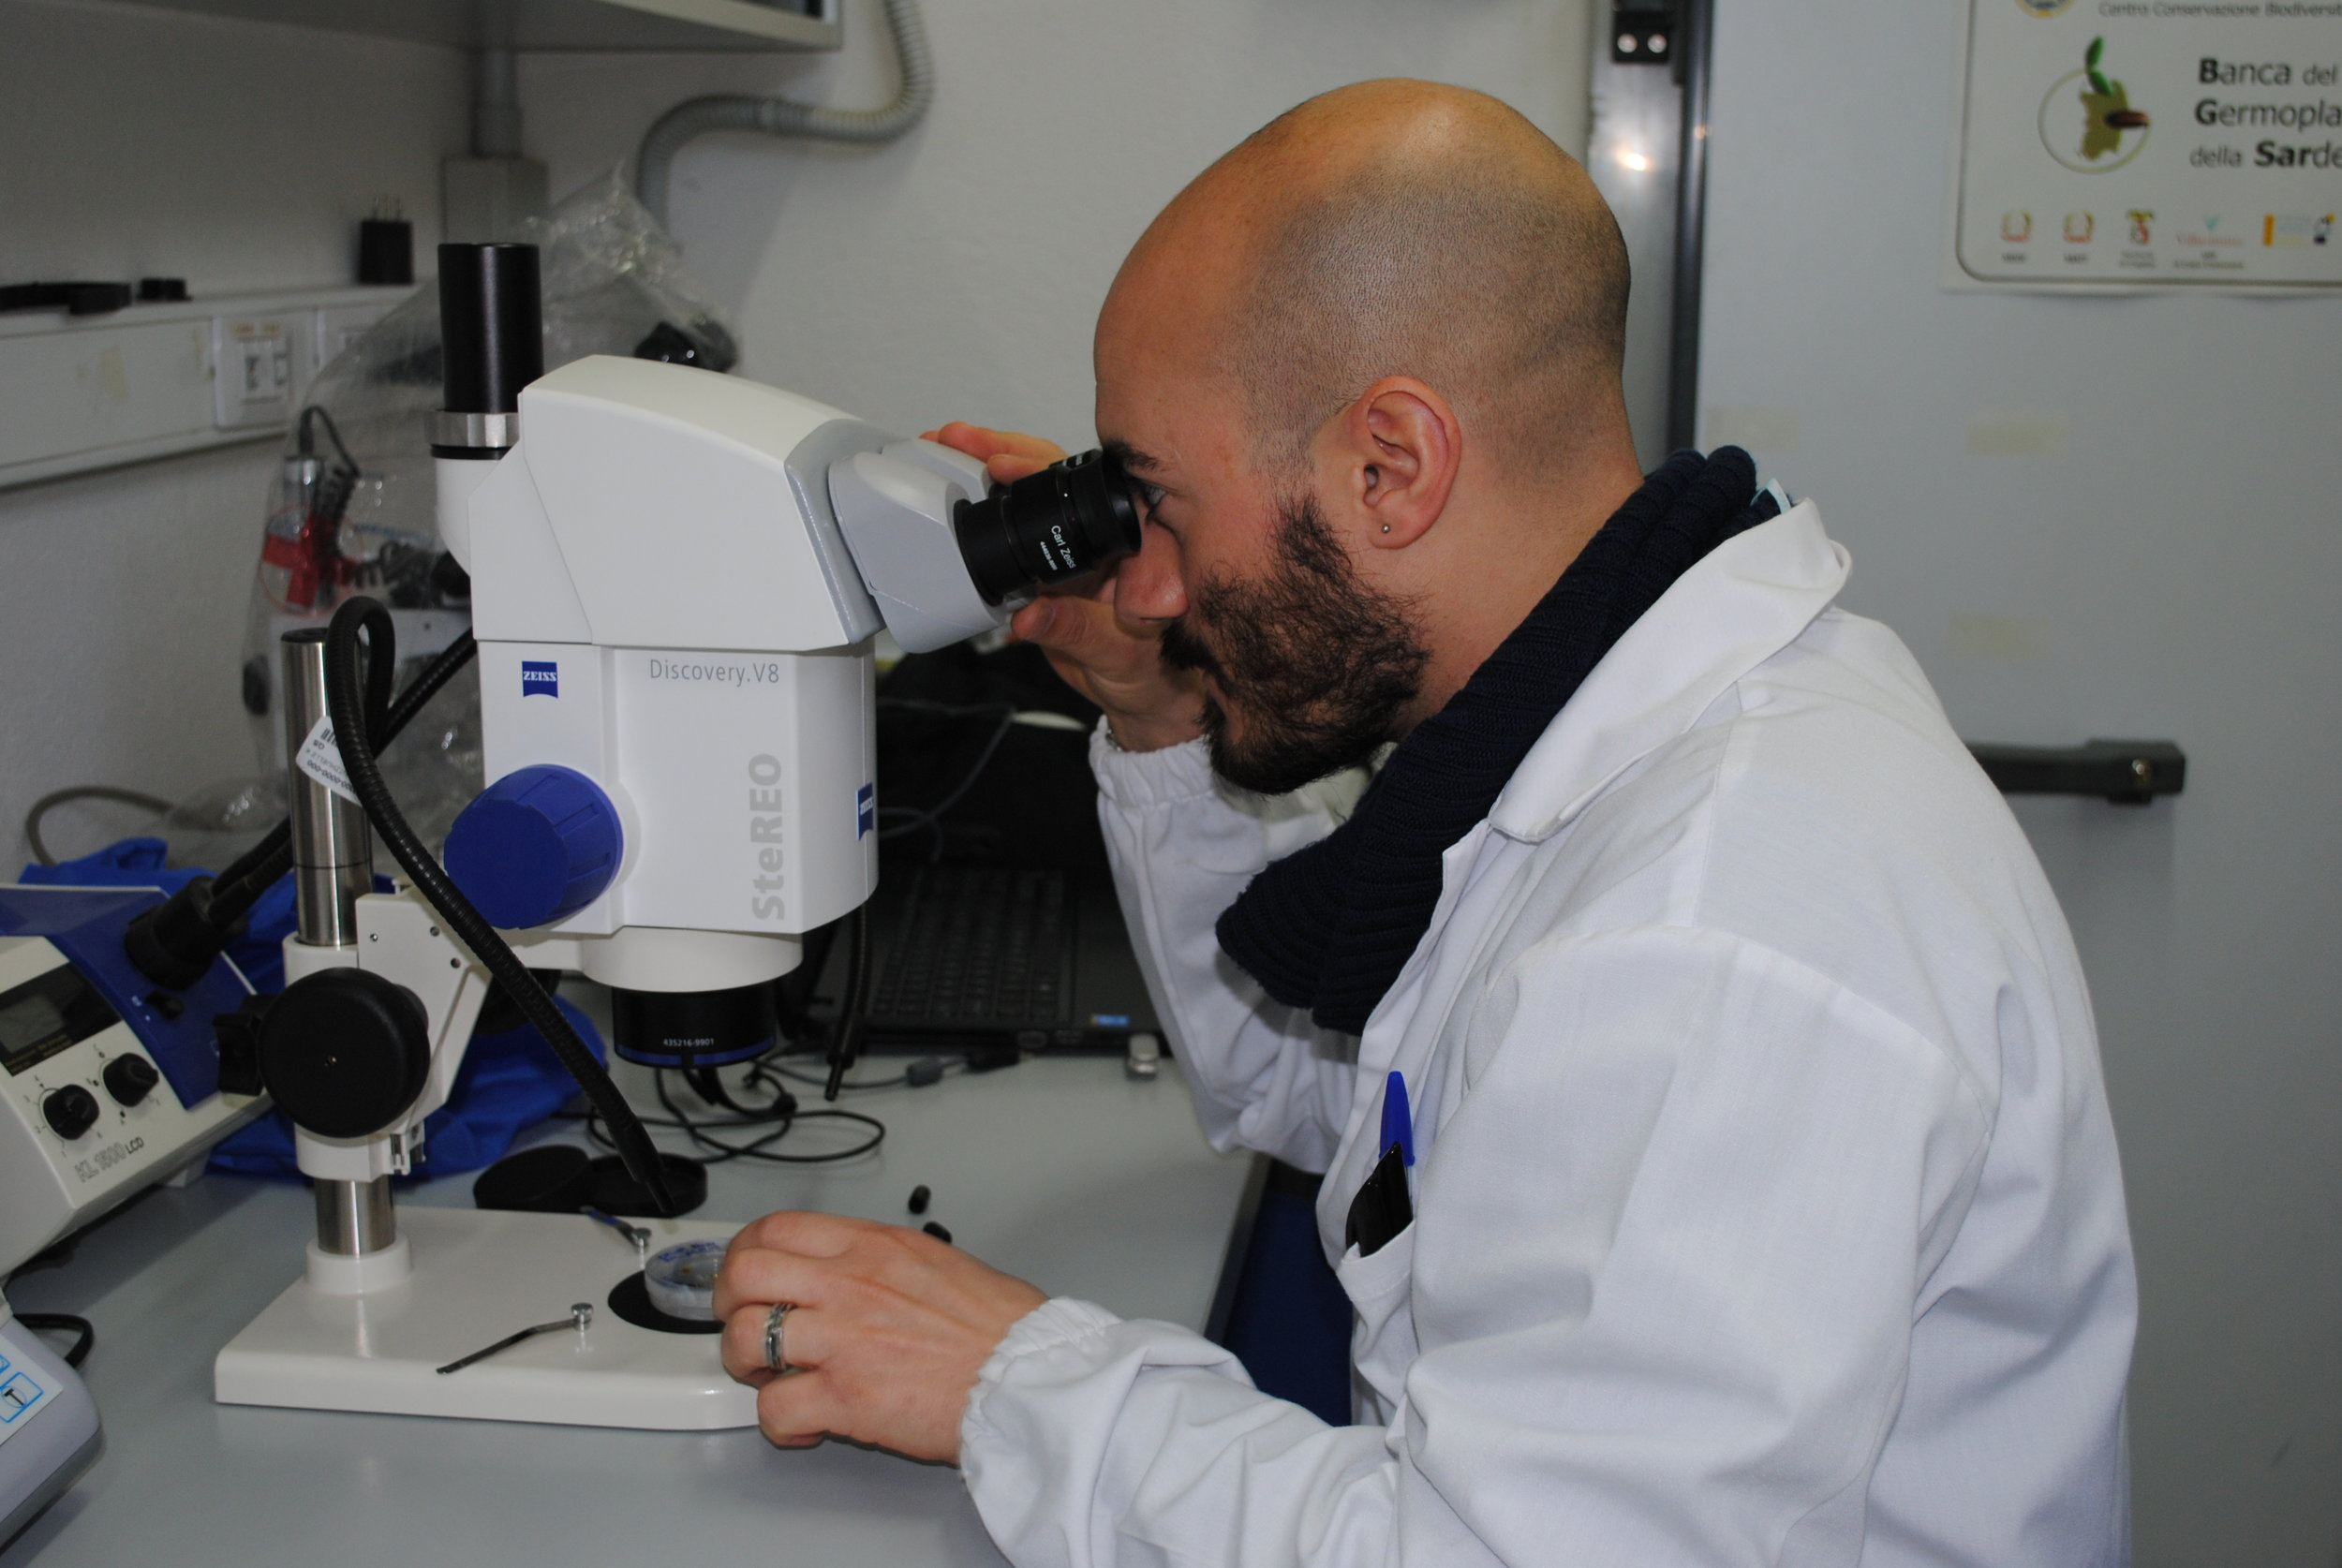 Seed testing (BG-SAR)